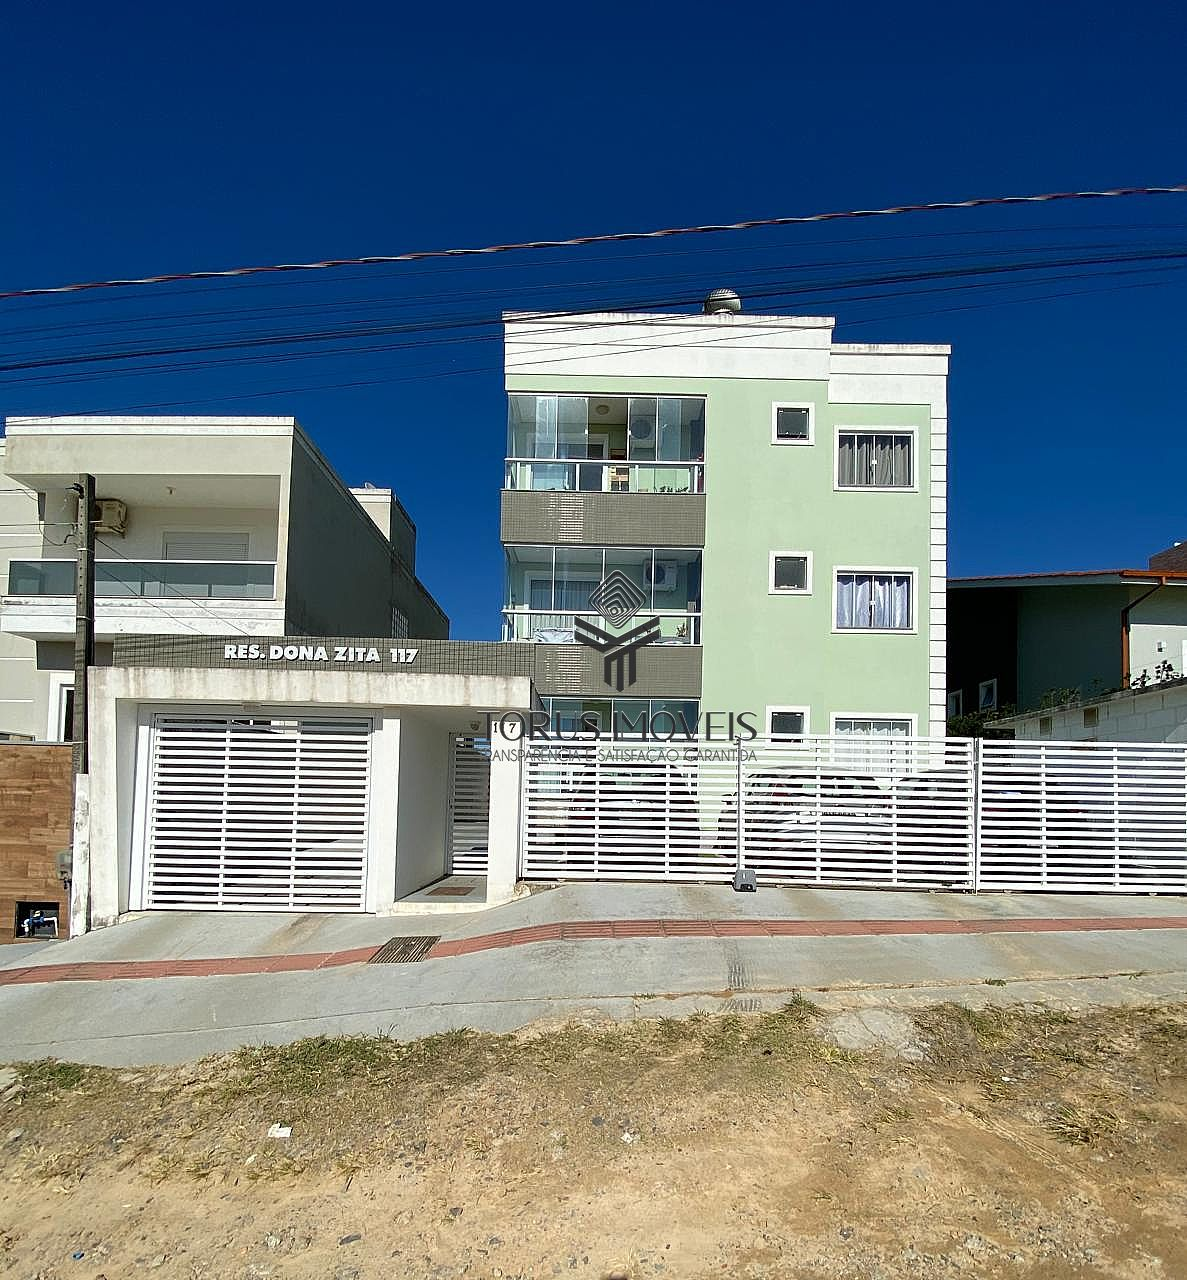 Apartamento para Venda - Village - Imbituba/SC - Residencial Dona Zita